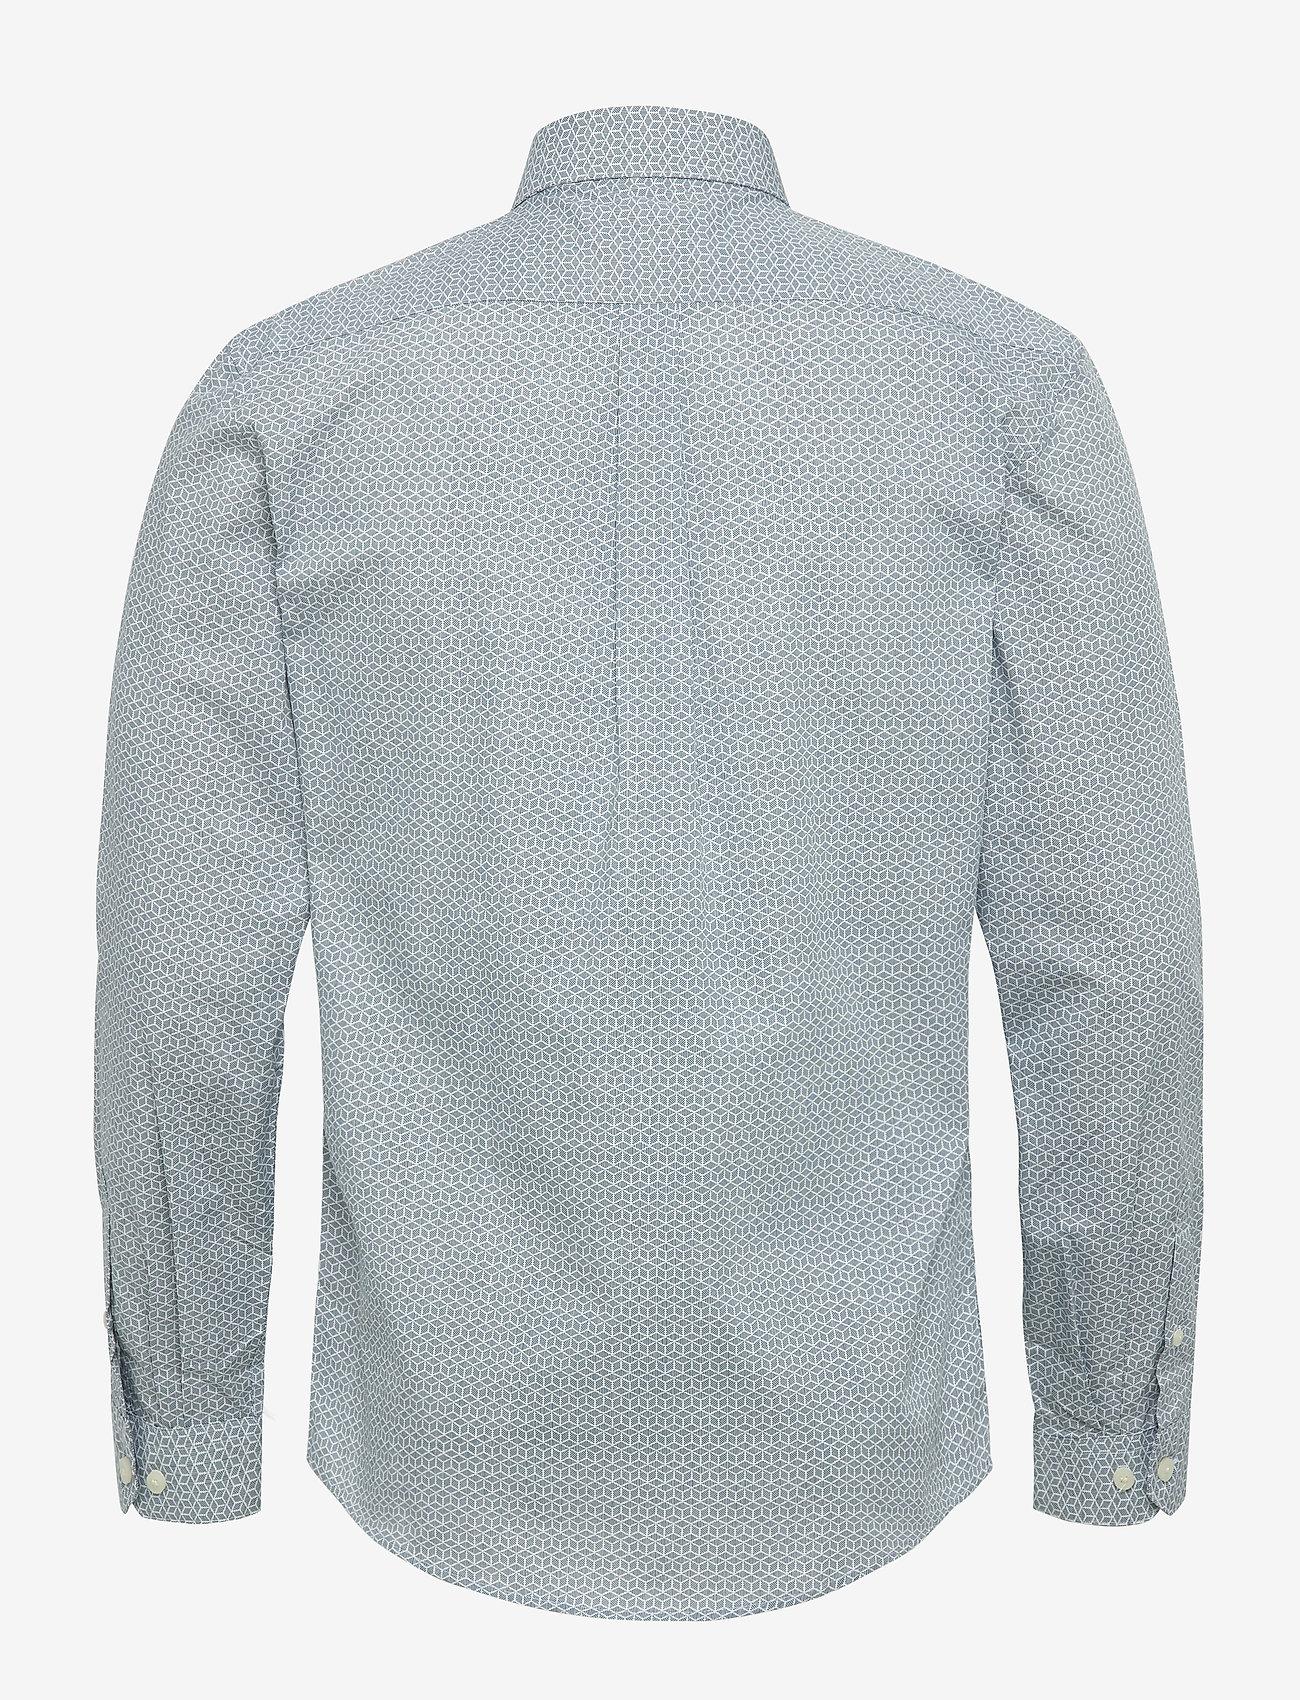 Lindbergh Graphic print shirt L/S - Skjorter MID BLUE - Menn Klær